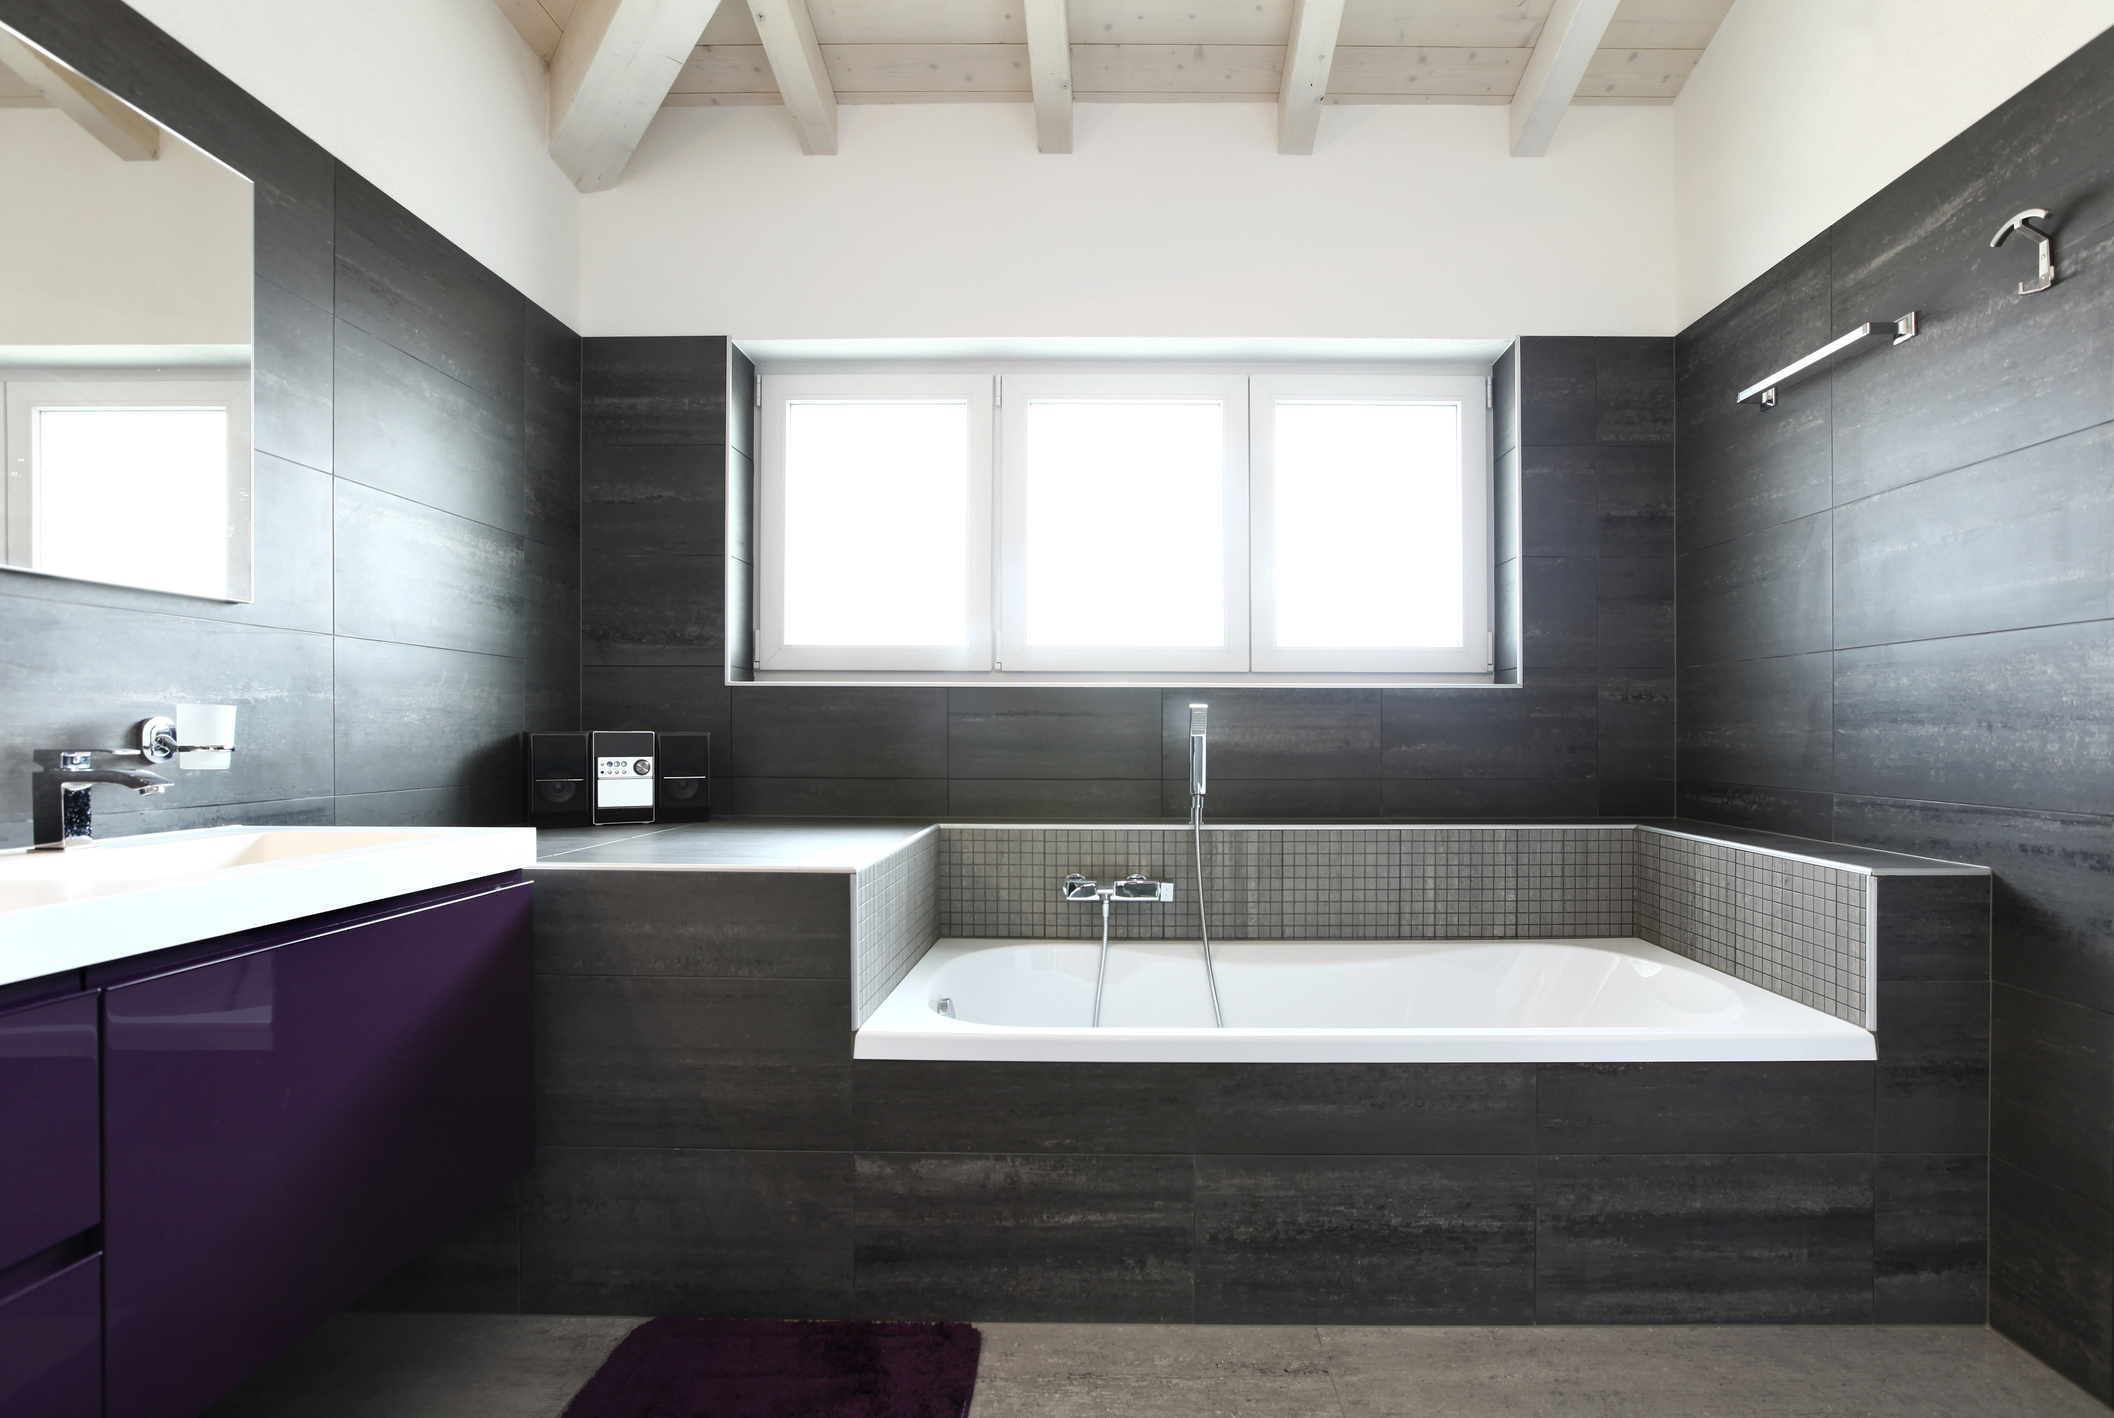 Szara łazienka - fioletowy